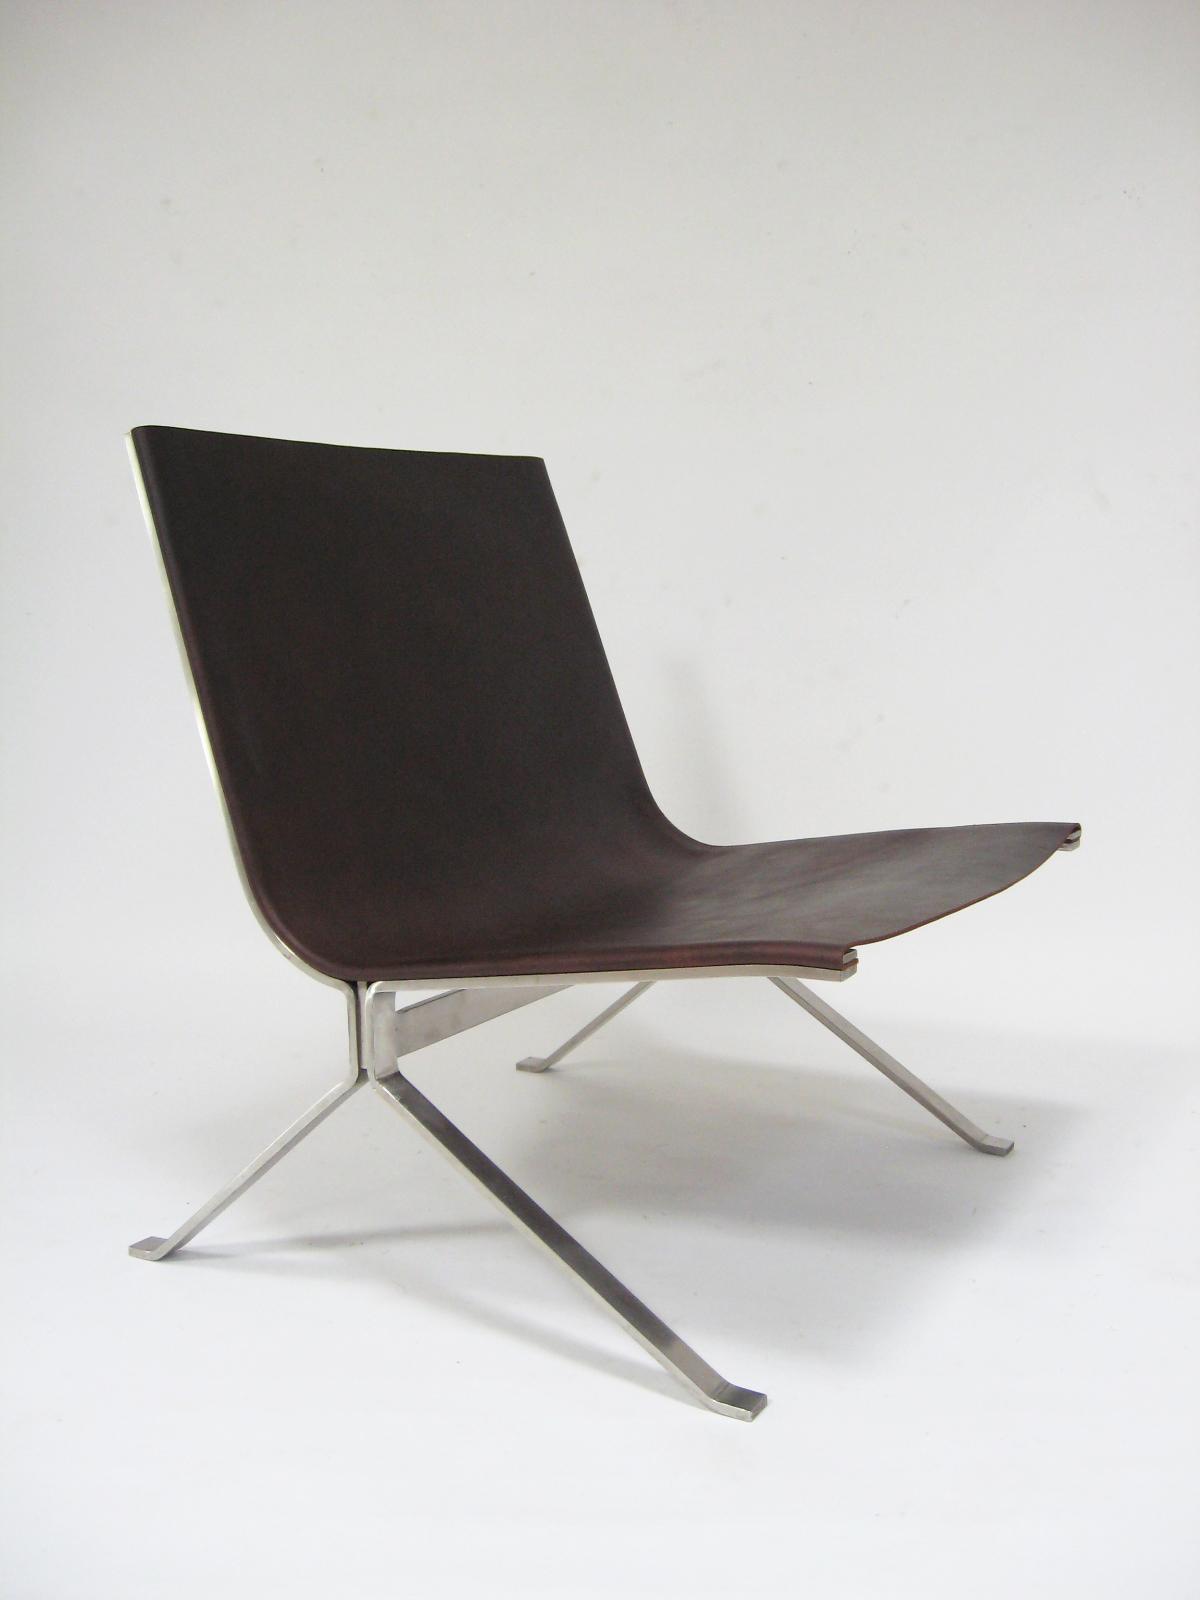 Kjaerholm-style Lounge Chair